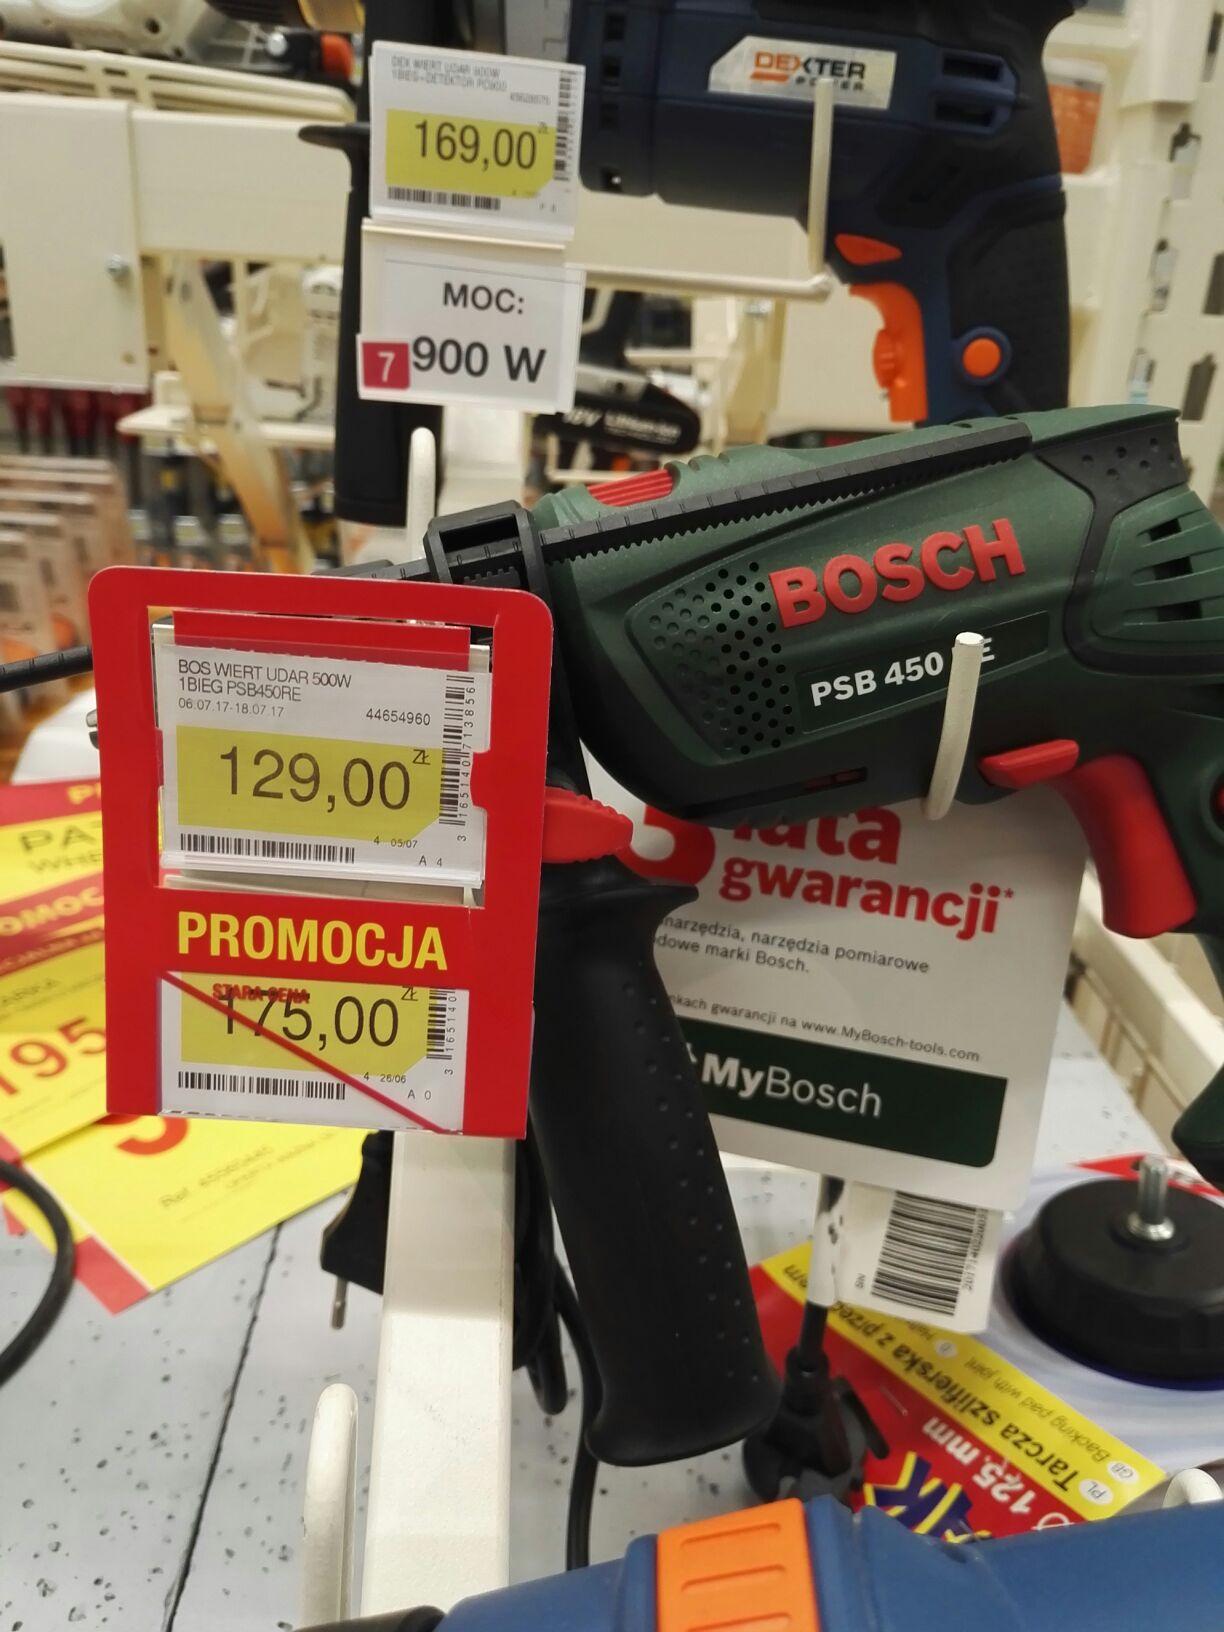 Wiertarka Bosch PSB 450 re udarowa. Według jednej z ofert peppera,  podobna jest dostępna na Amazonie za 131zl. Po co czekać jak można kupić stacjonarnie